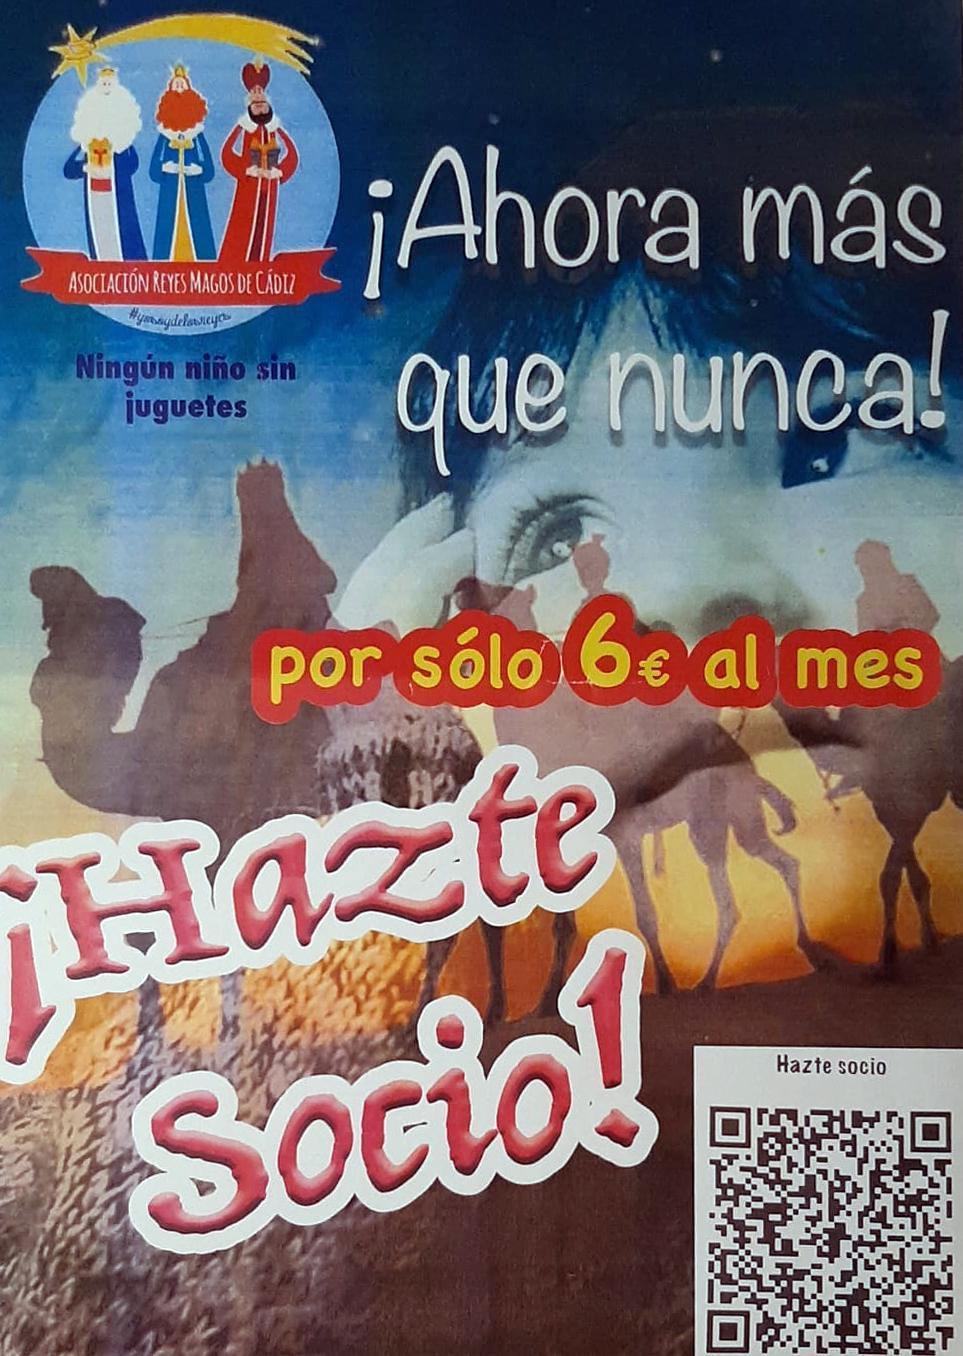 Cartel Asociación Reyes Magos.